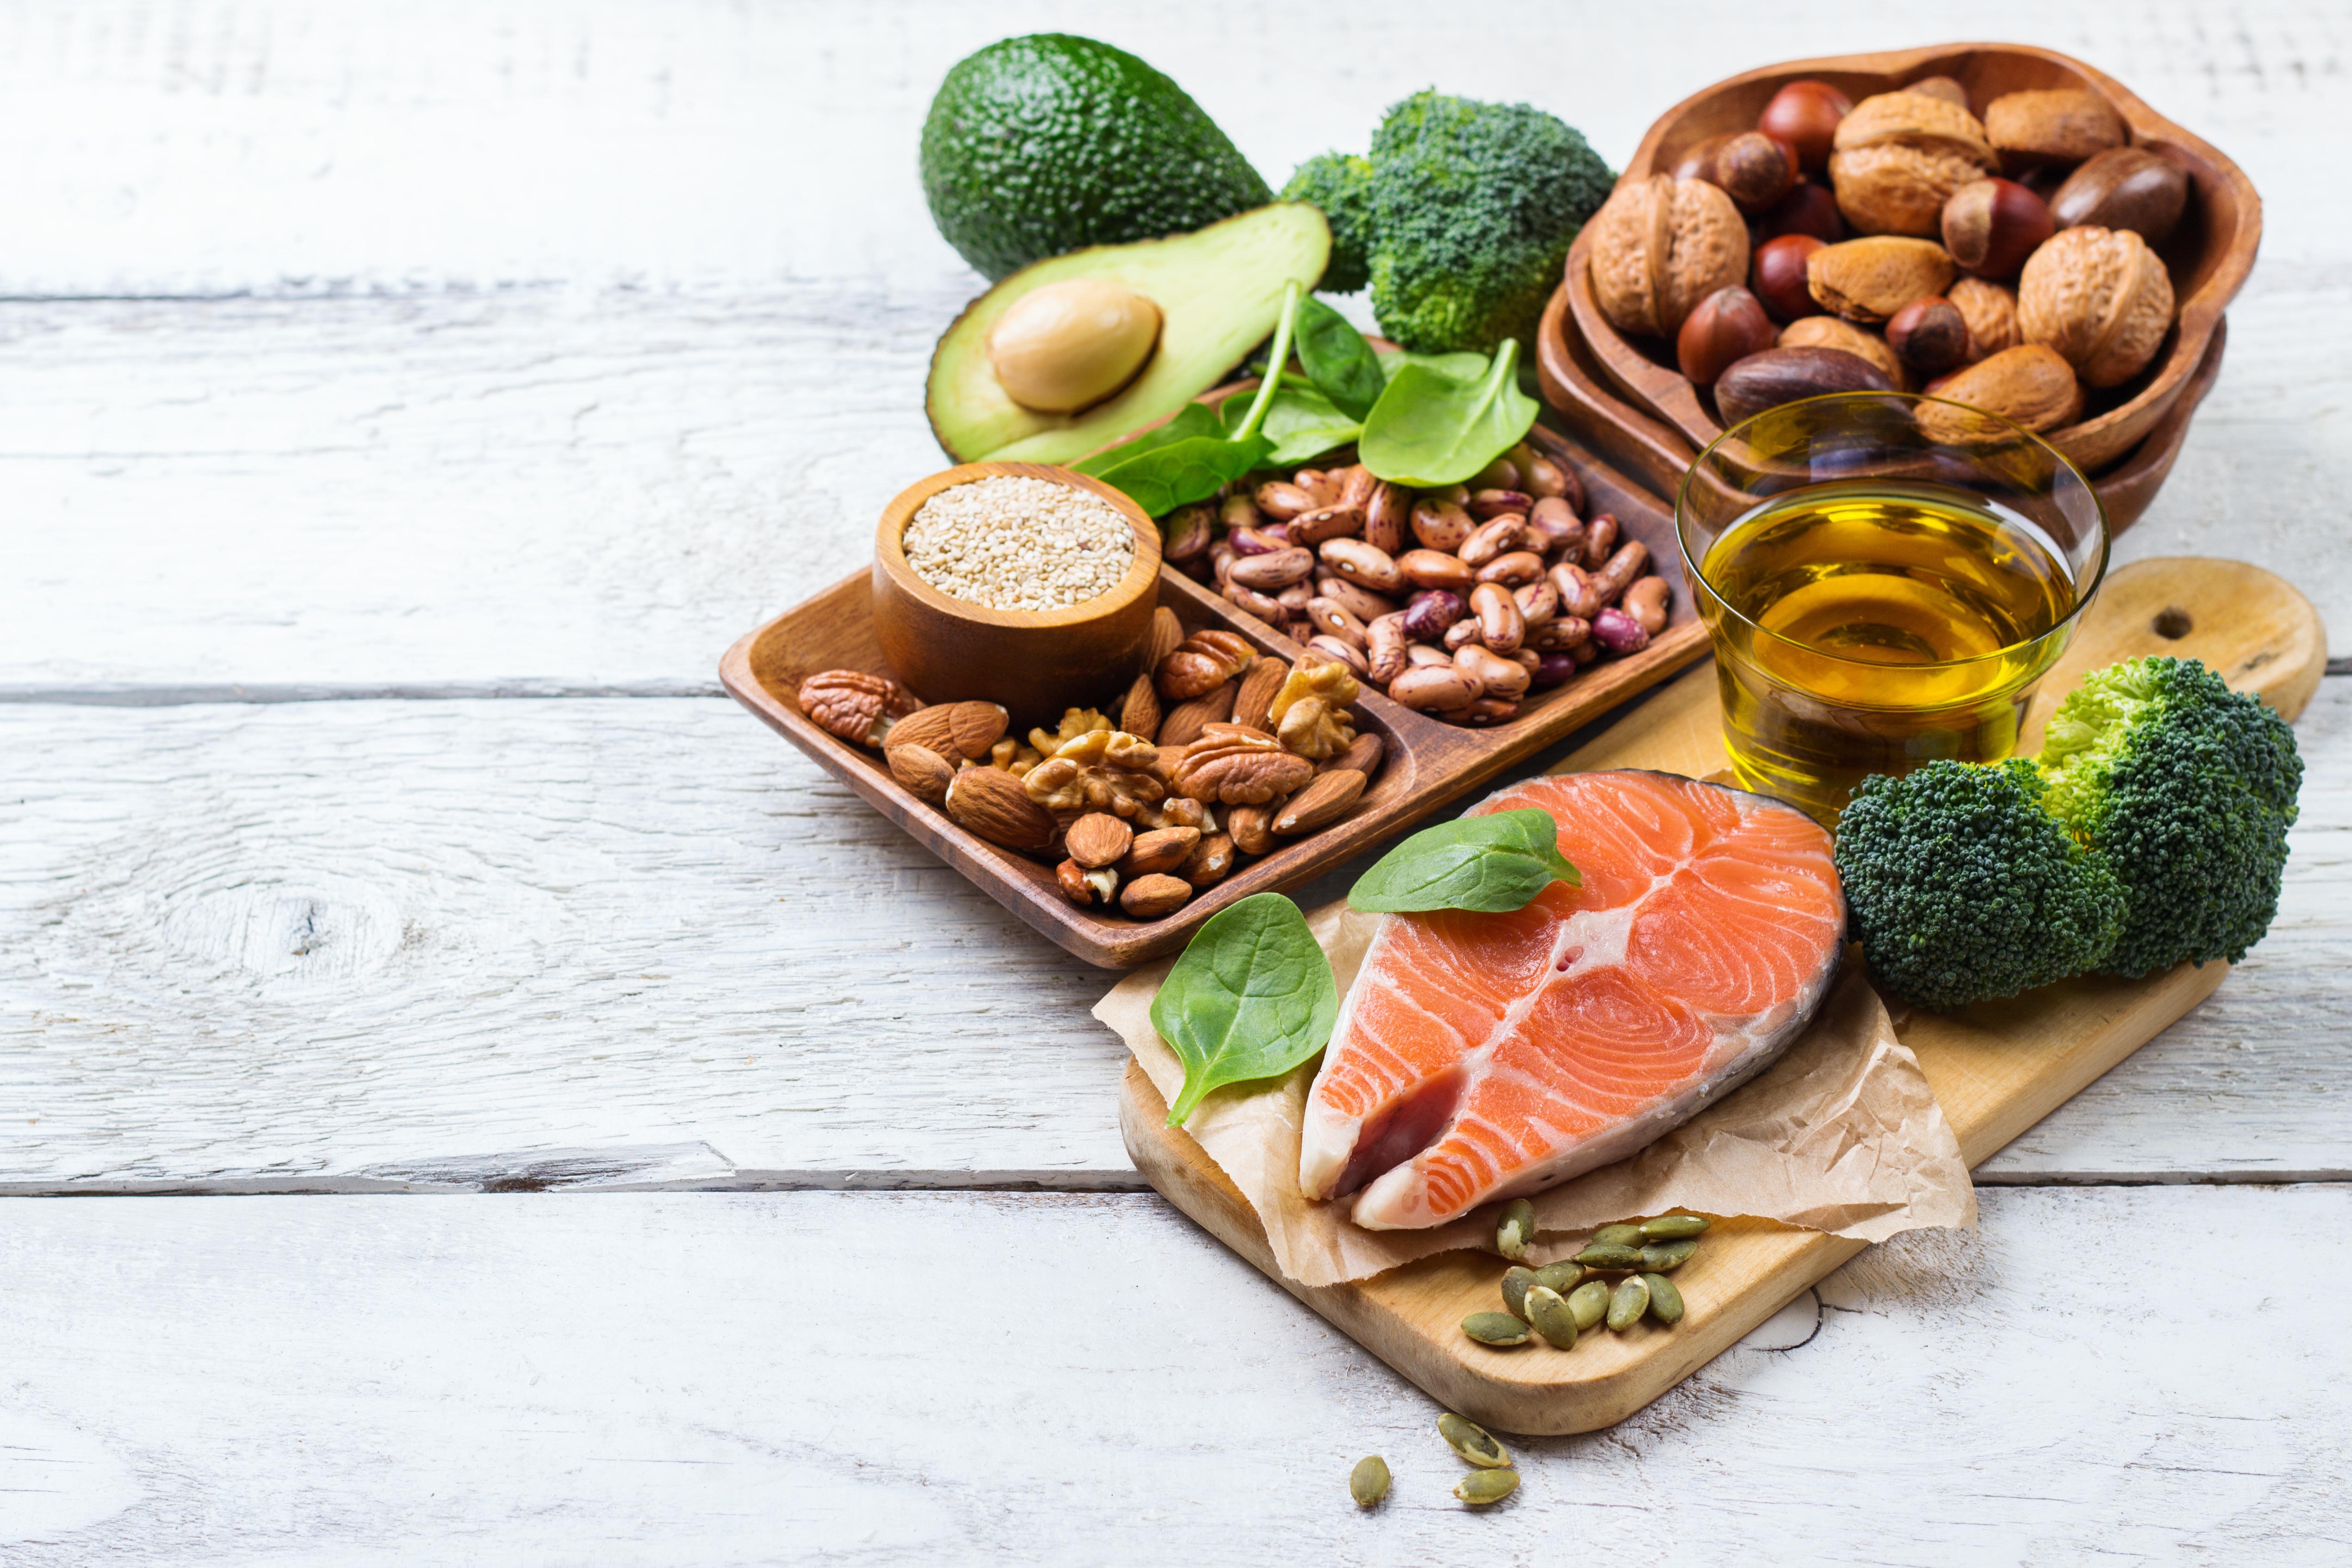 Fleromättade fettsyrorna omega-3 och omega-6 finns bland annat i nötter och vissa vegetabiliska oljor, medan långa omega-3-fettsyror främst finns i fet fisk.